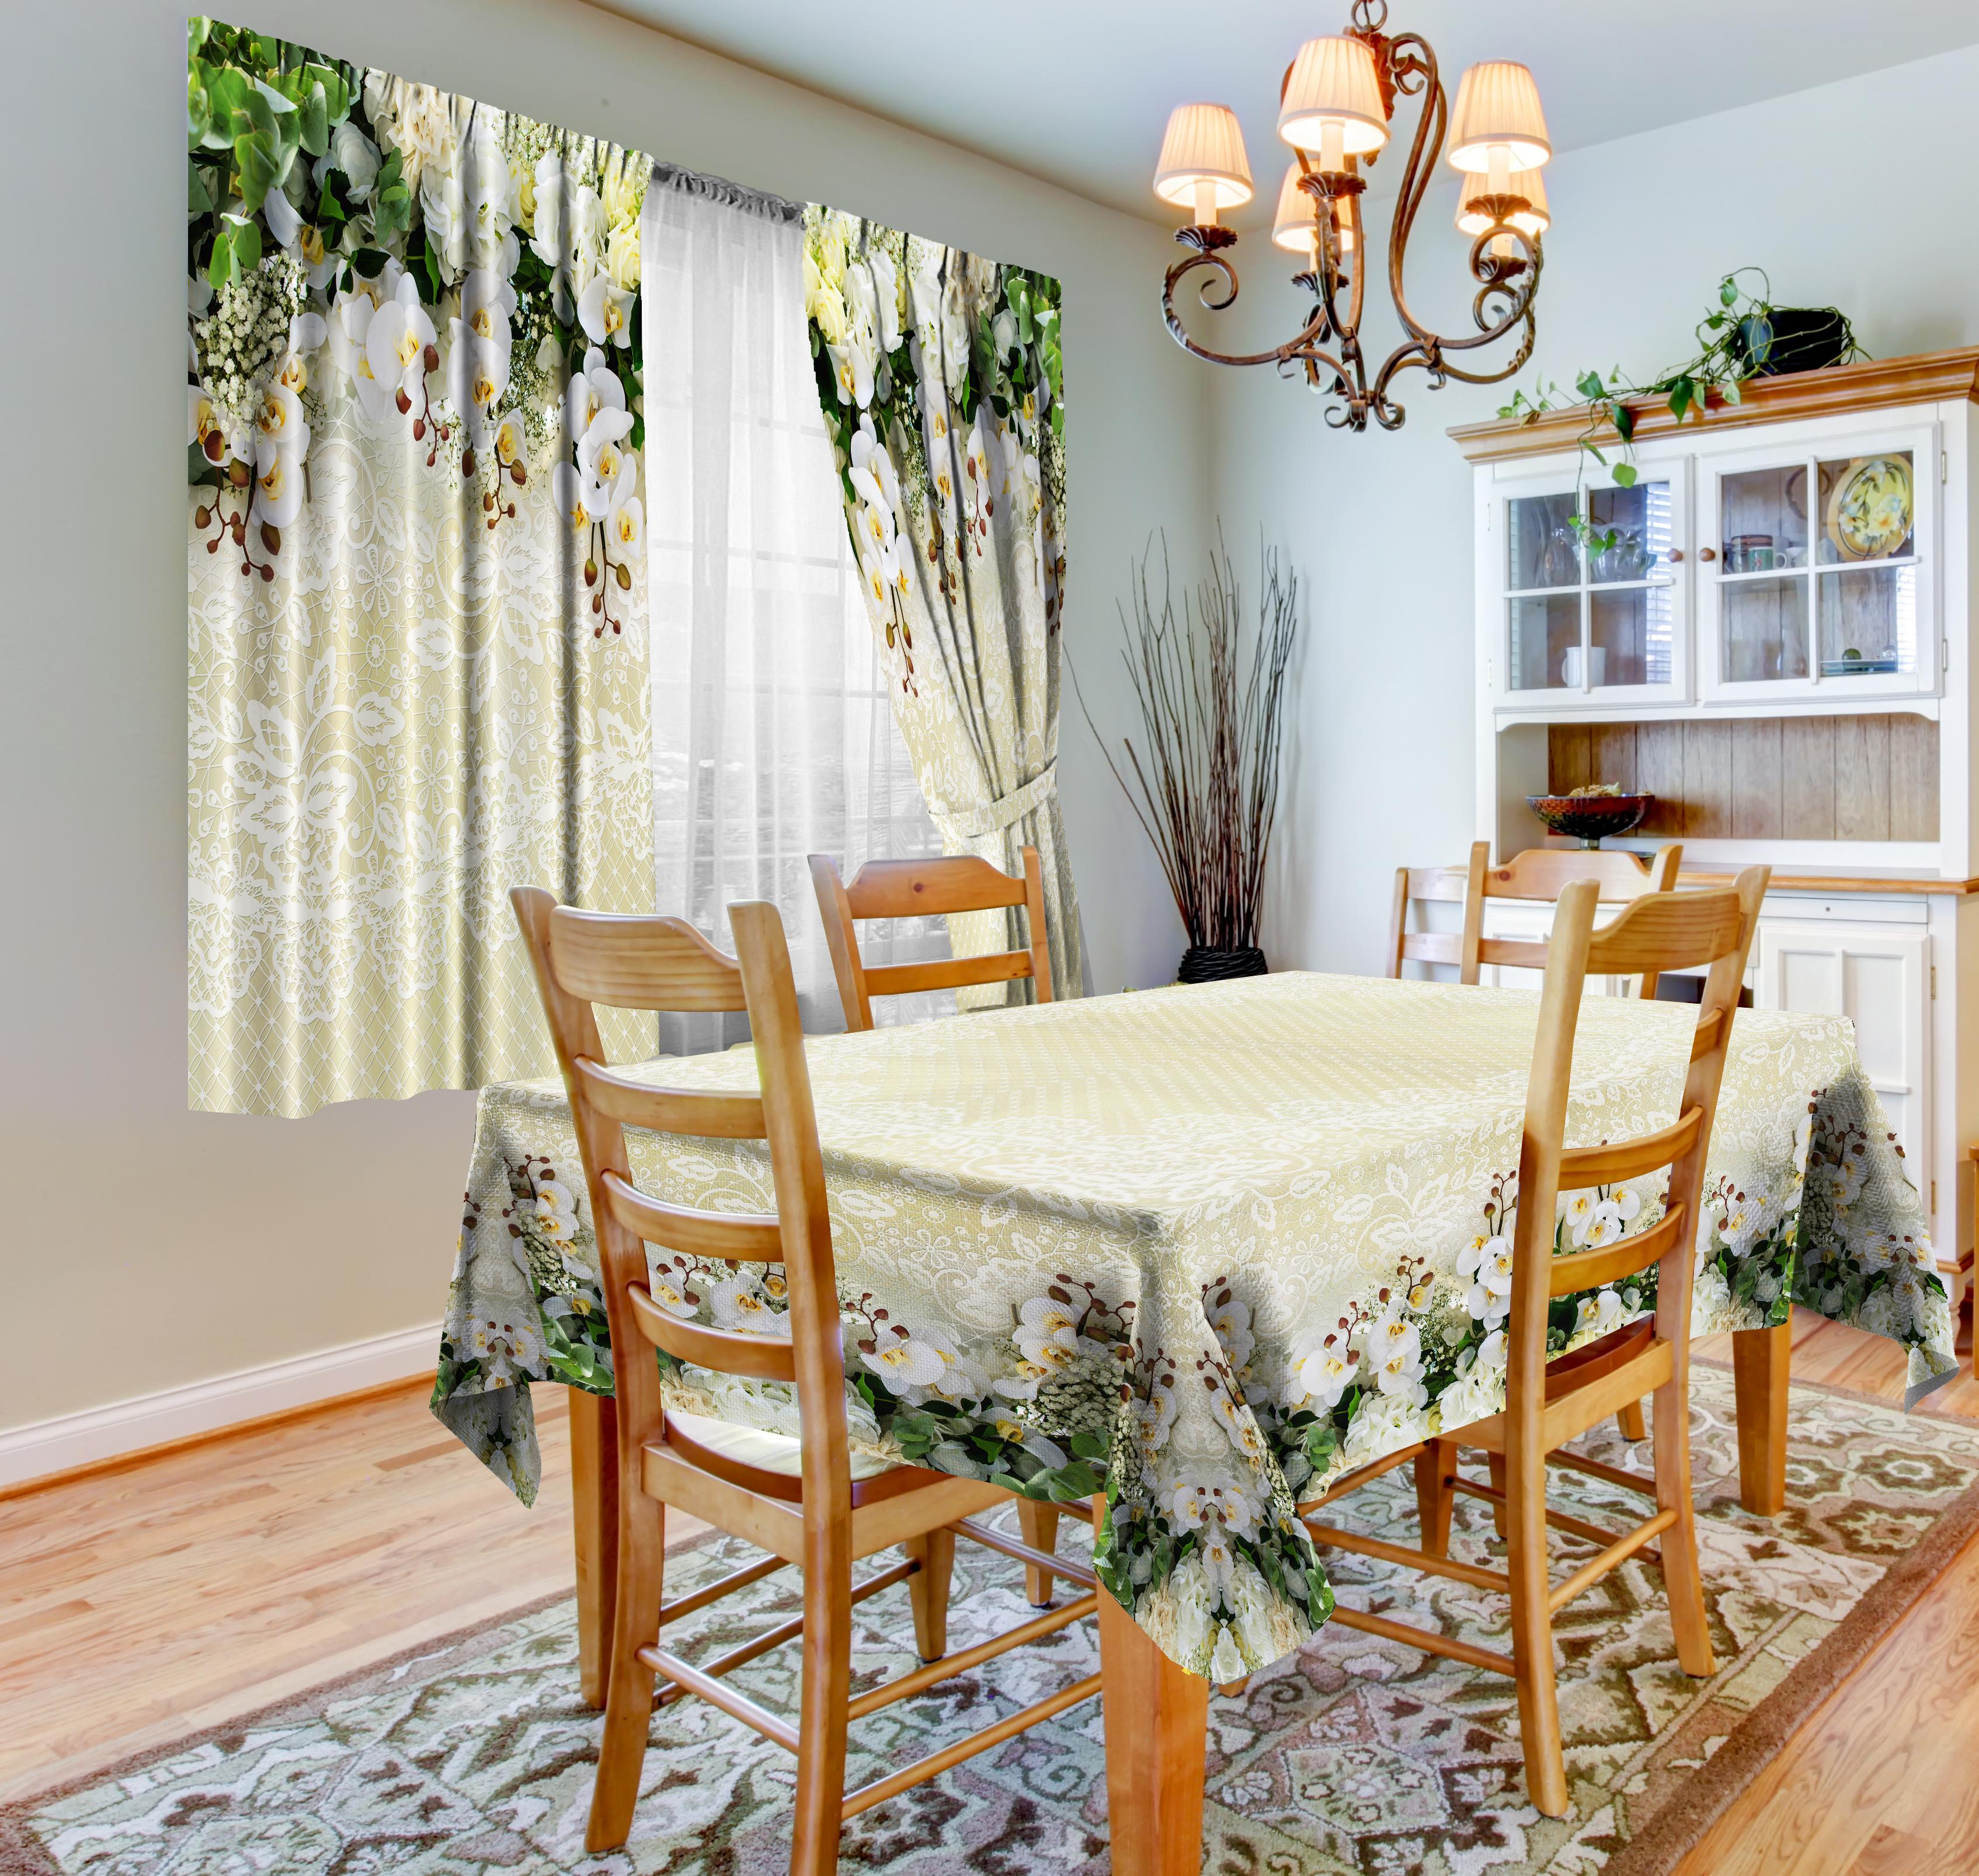 Набор для кухни: шторы, тюль и скатерть «Ажур»